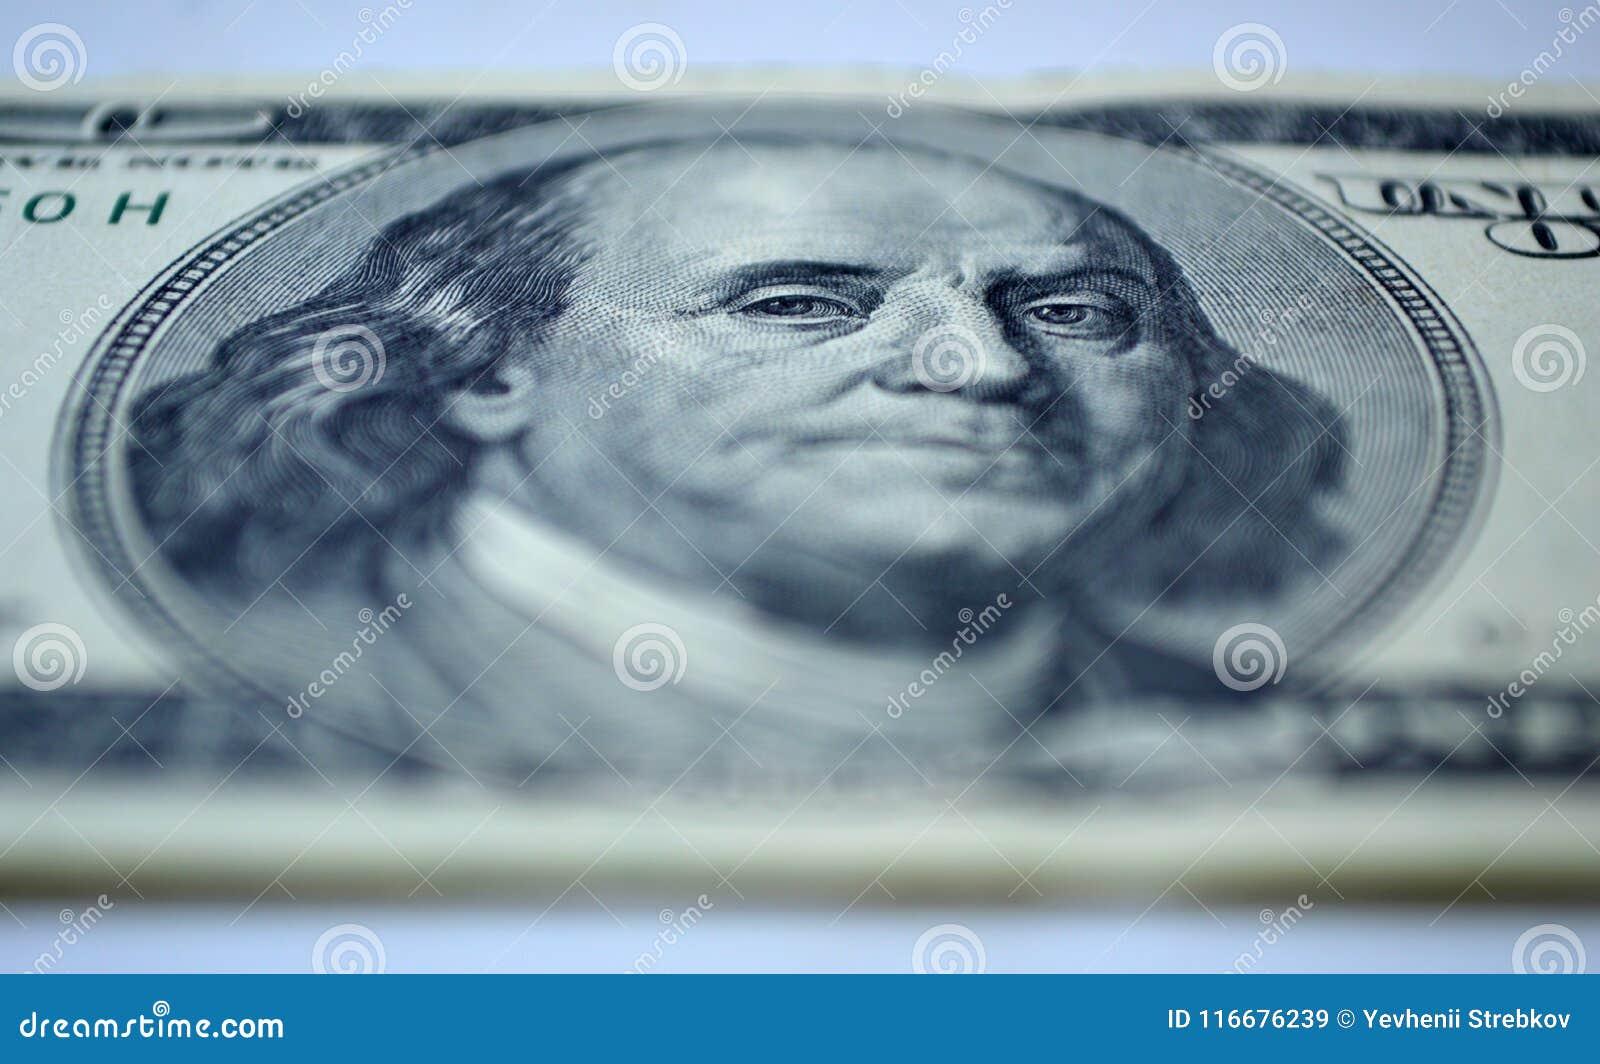 100-Dollar - Schein der Nahaufnahme